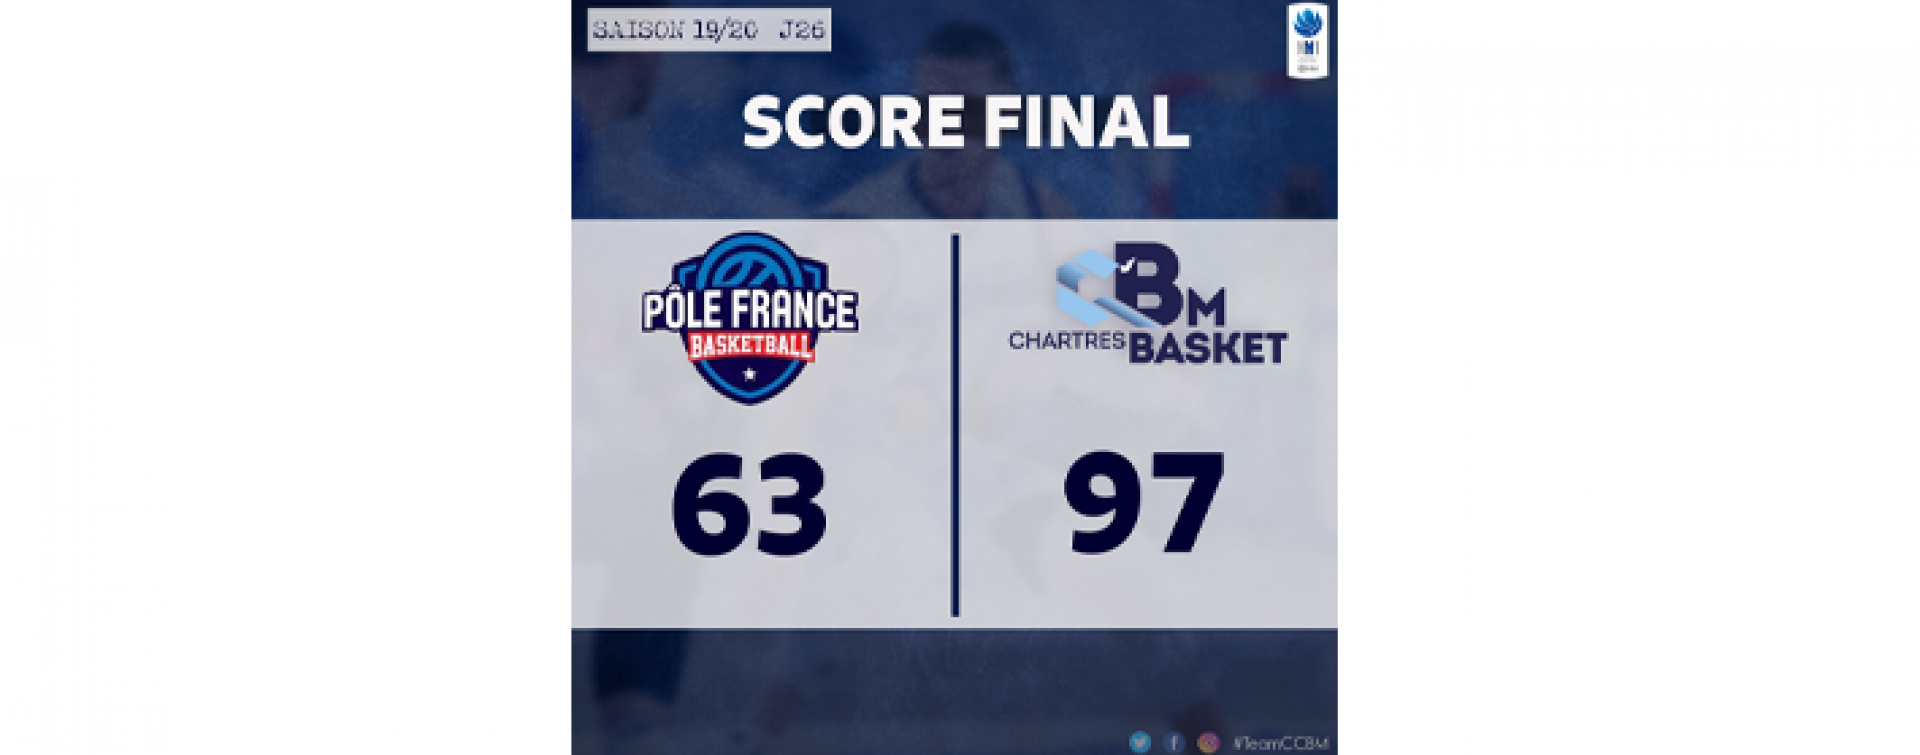 Victoire face au Pôle France